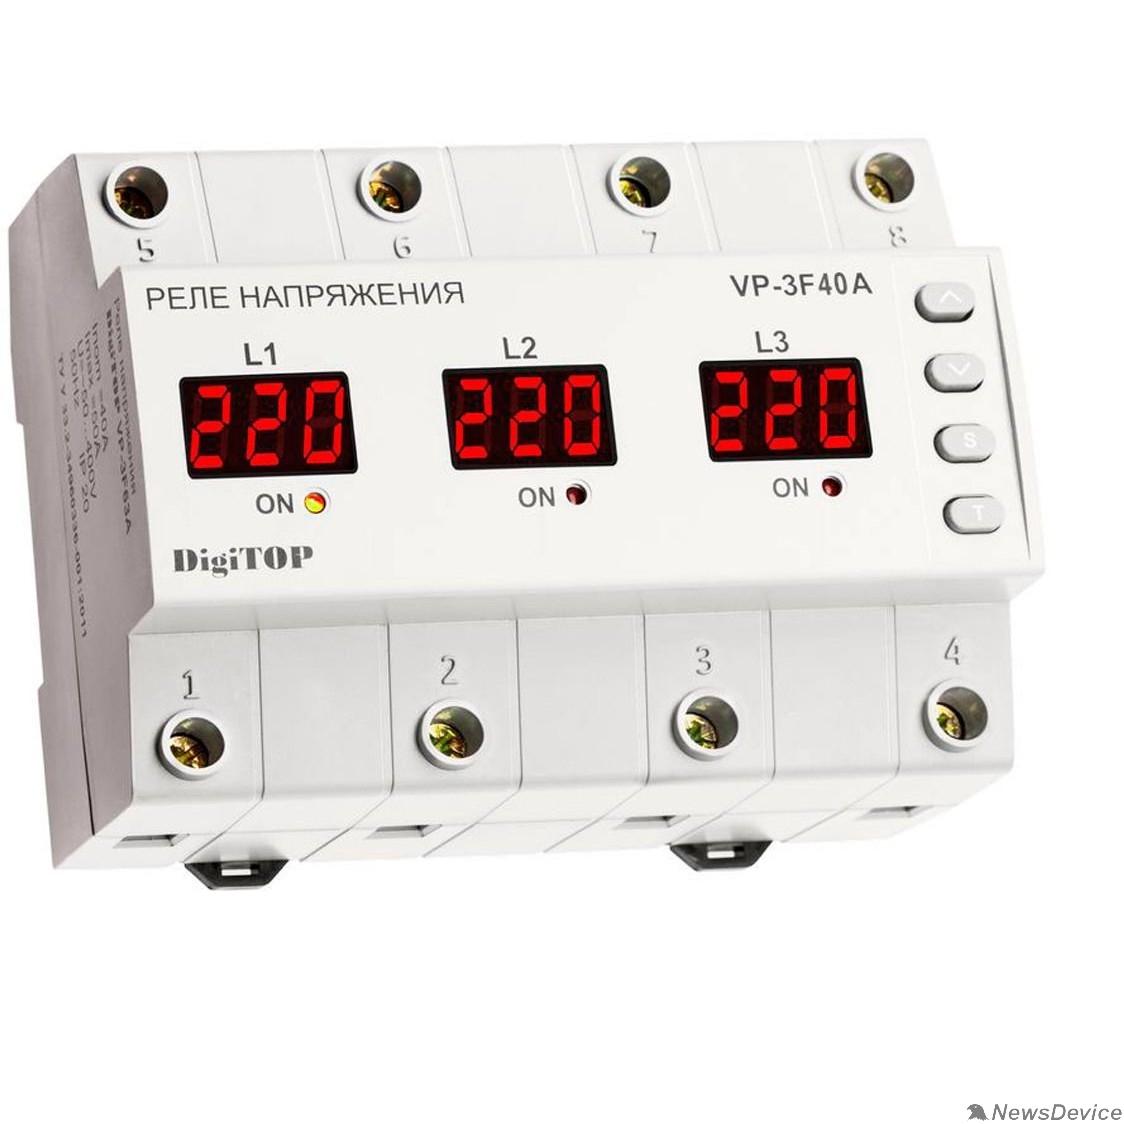 DigiTOP Реле, терморегуляторы, таймеры DigiTOP Vp-3F40A Реле напряжения трехфазное на DIN-рейку, 50-400В, макс. 50А, 5-600 сек.